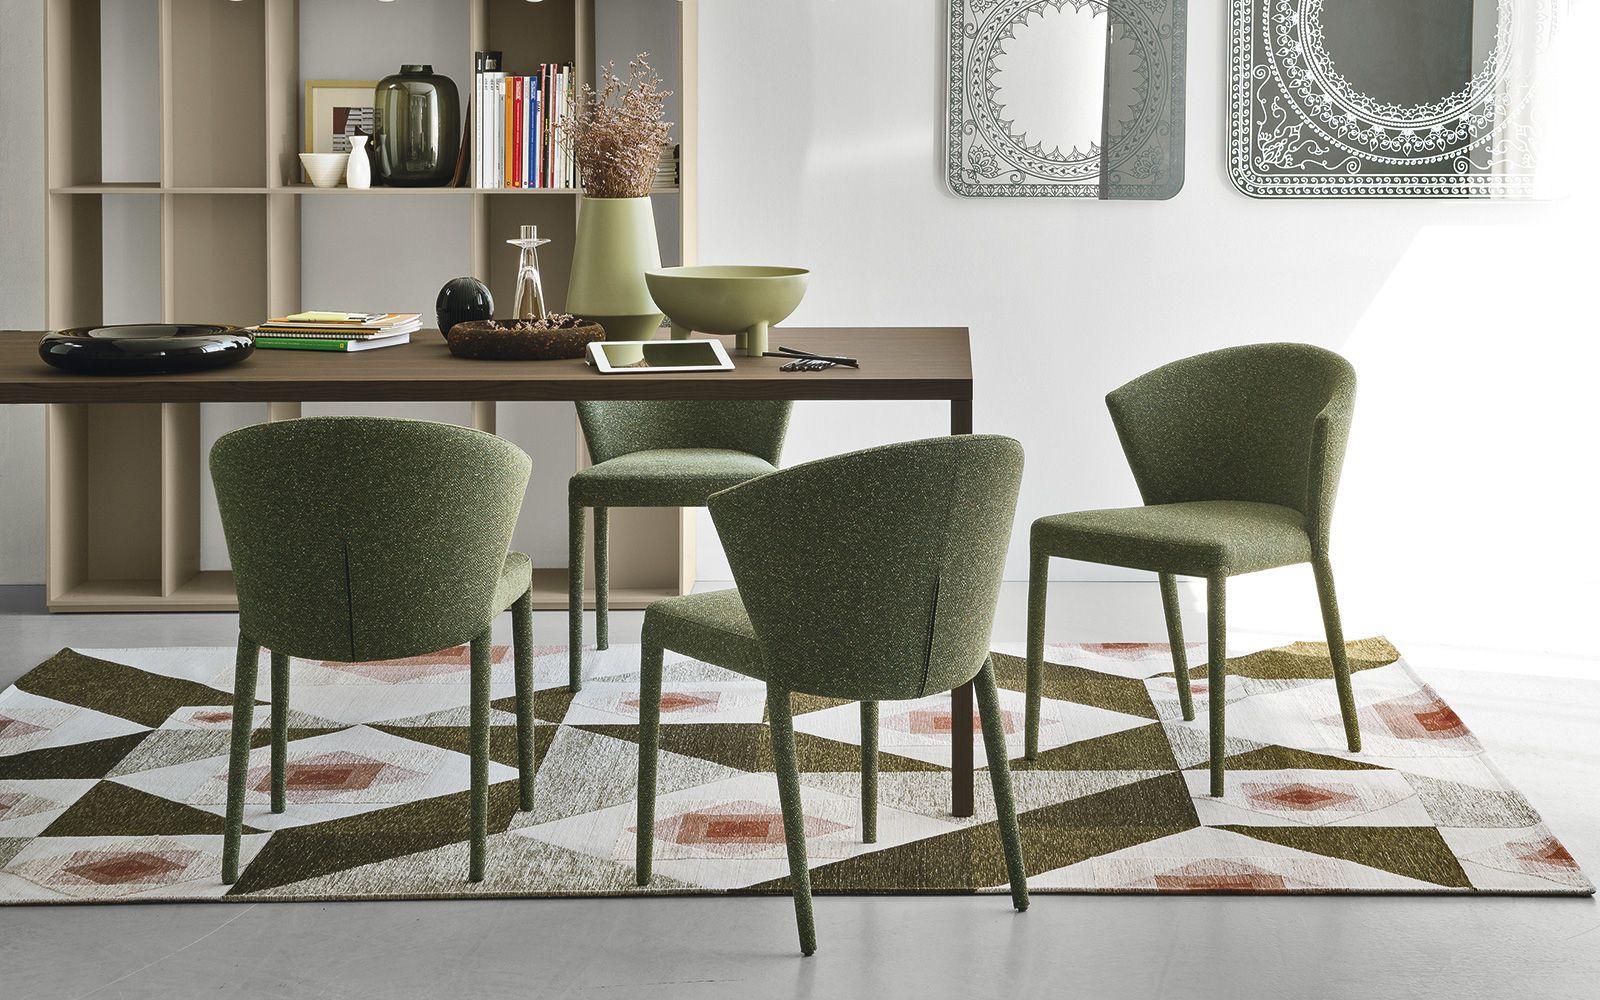 sedie Calligaris Amelie | Sedie moderne | Pinterest | Sedie ...